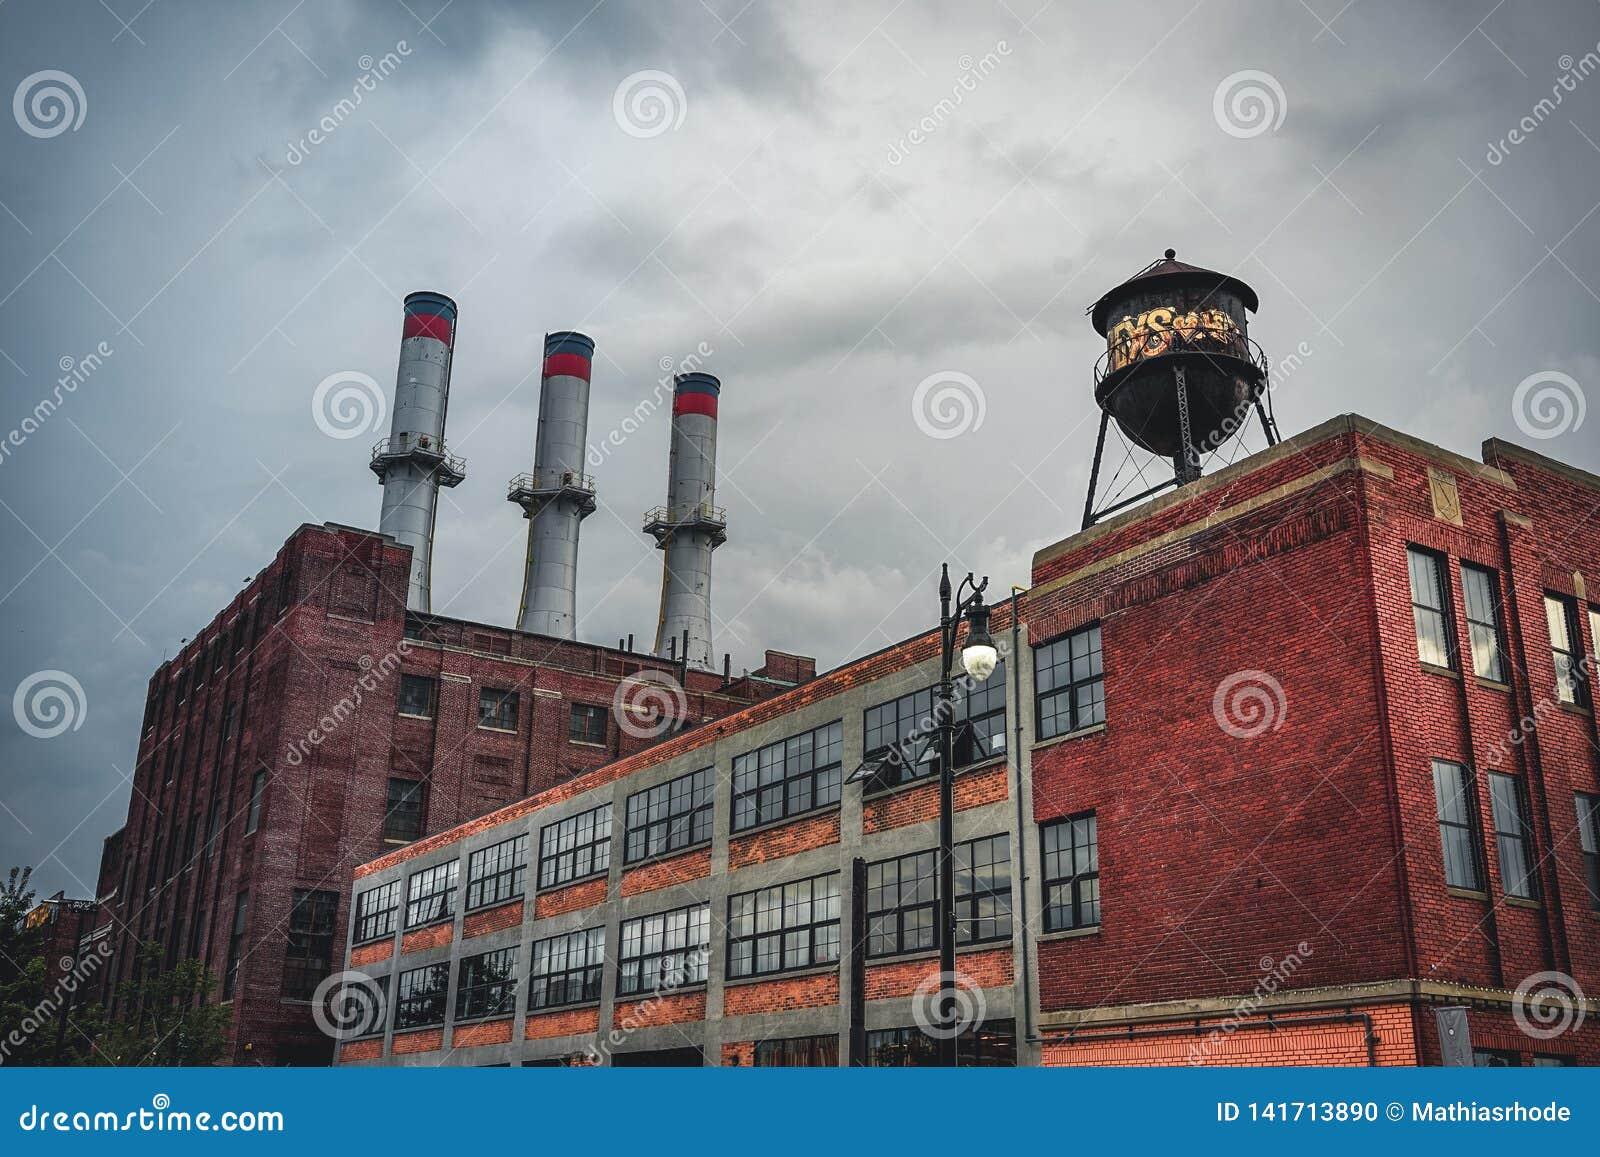 Detroit, Michigan, o 18 de maio de 2018: Vista para a fábrica automotivo típica de Detroit com torre e chaminé de água